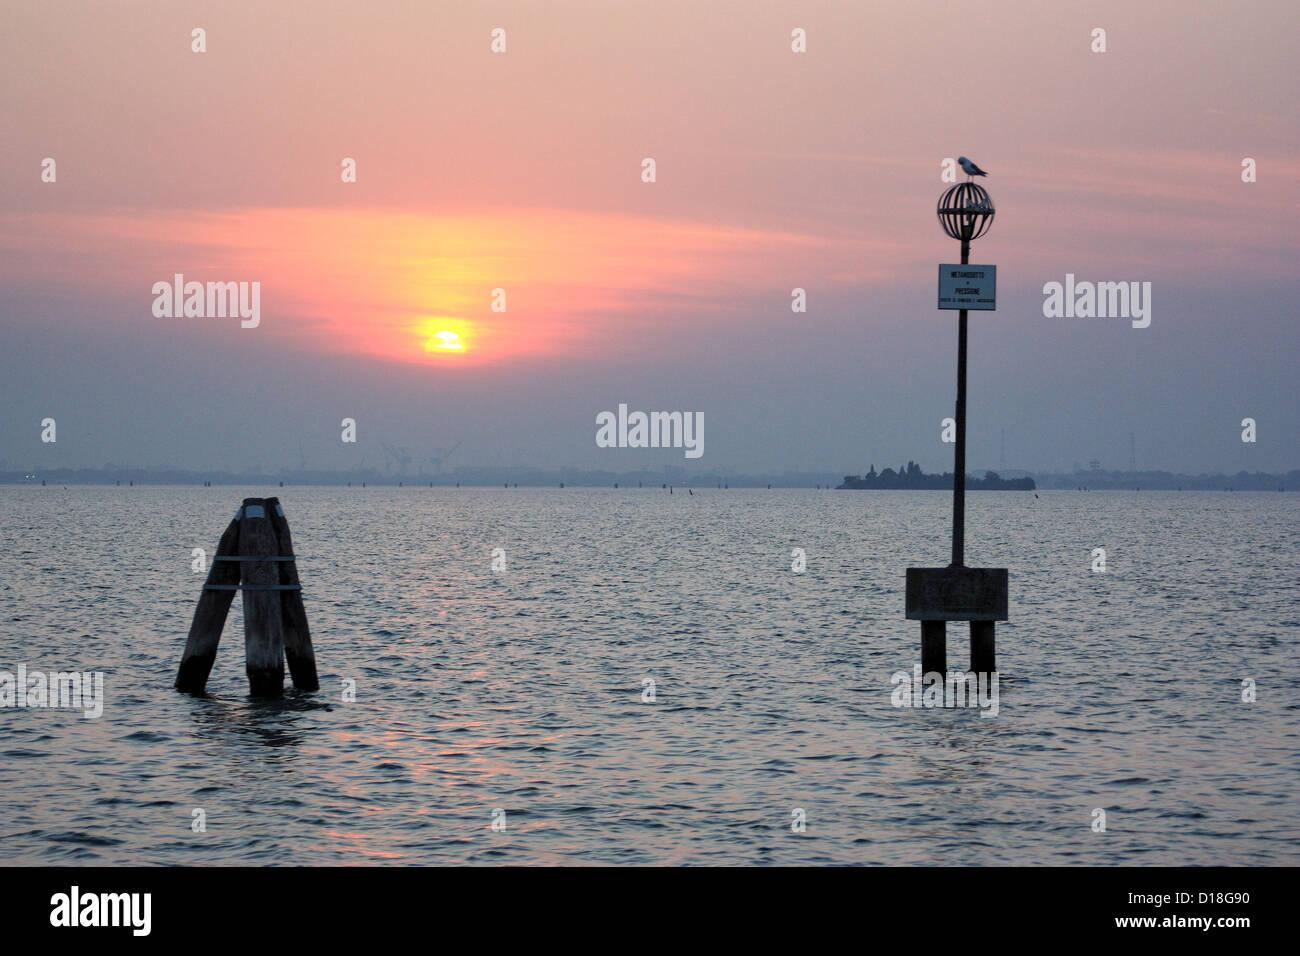 Sunset, Venetian Lagoon - Stock Image